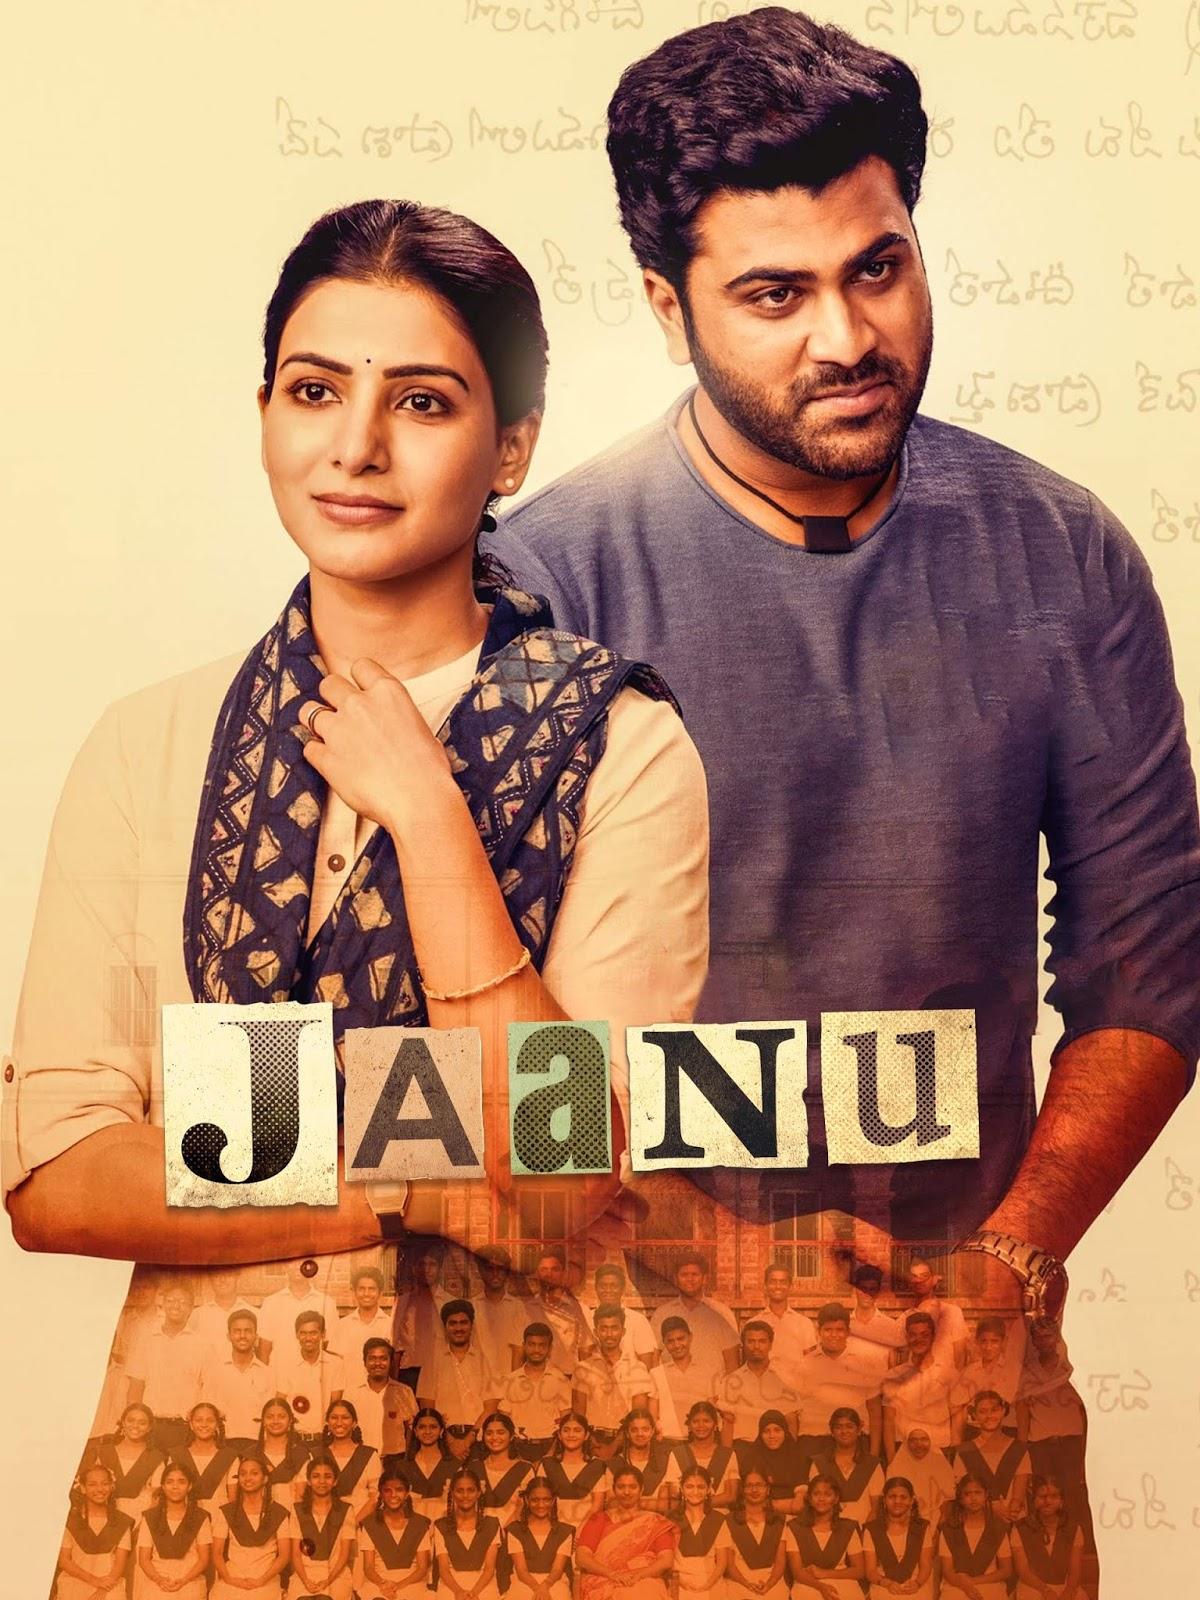 Film Jaanu (2020) Subtitle Indonesia - HINDIHD 21